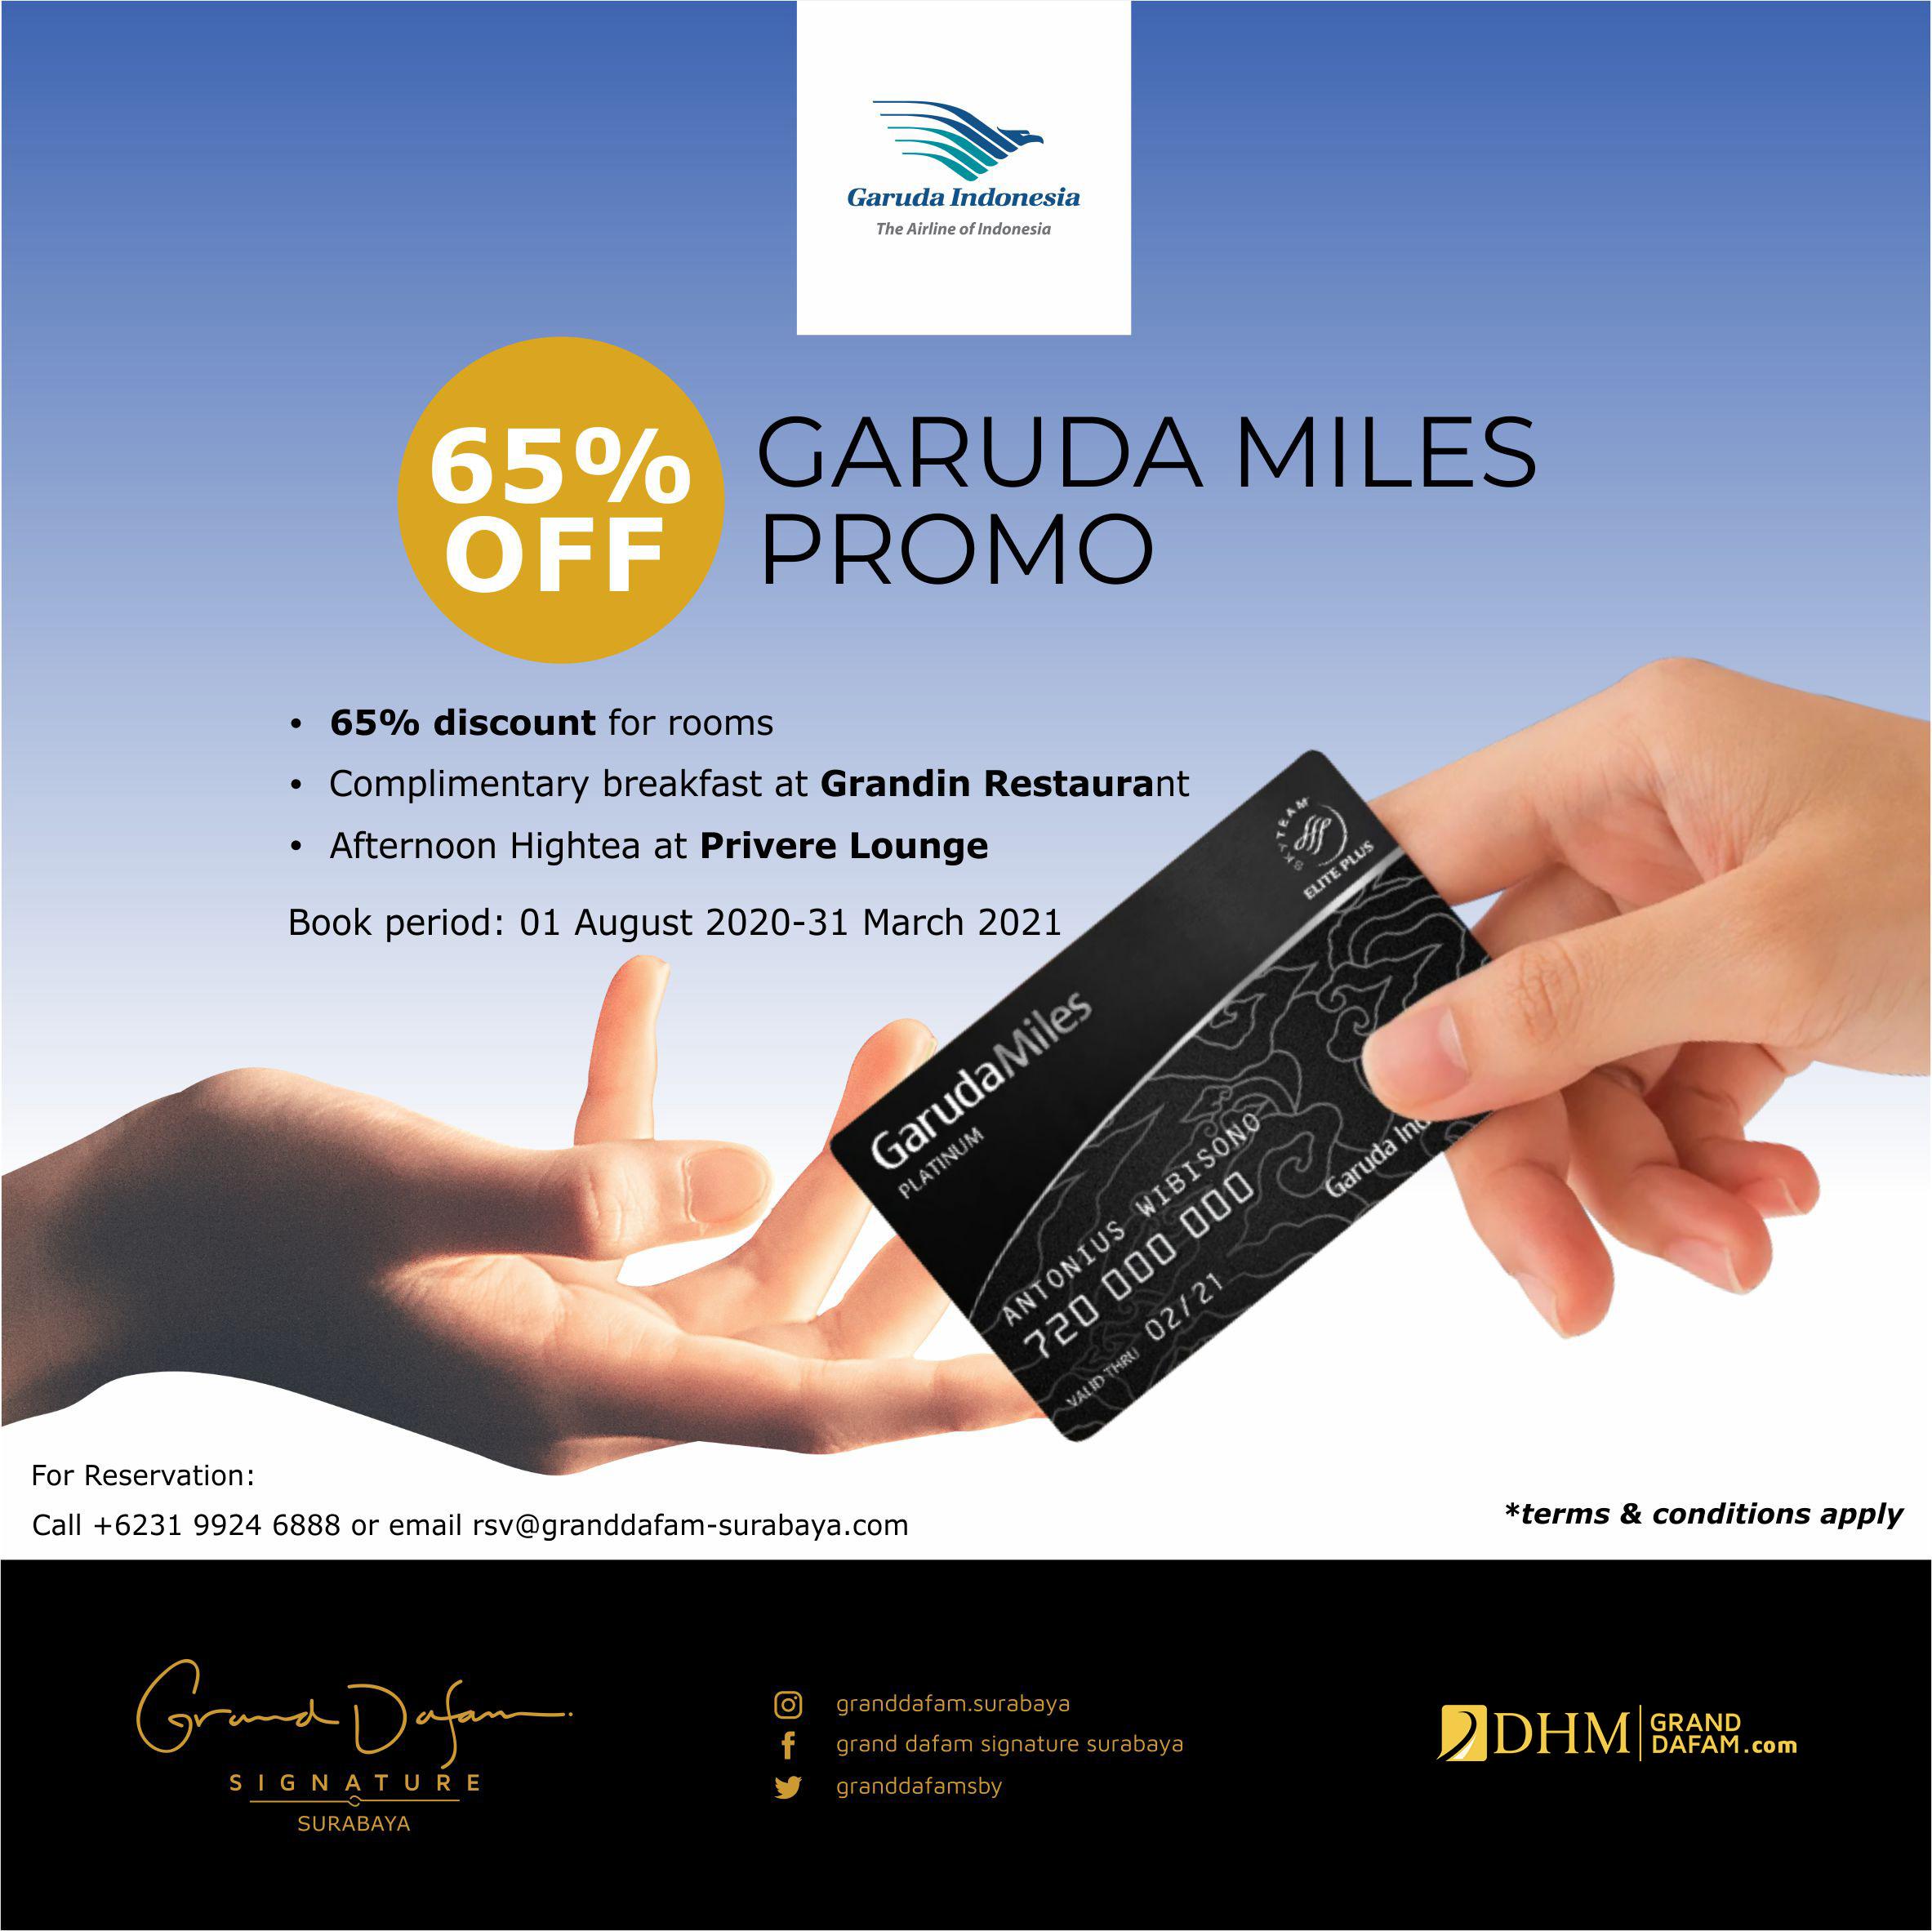 GDSS Garuda Miles Promo